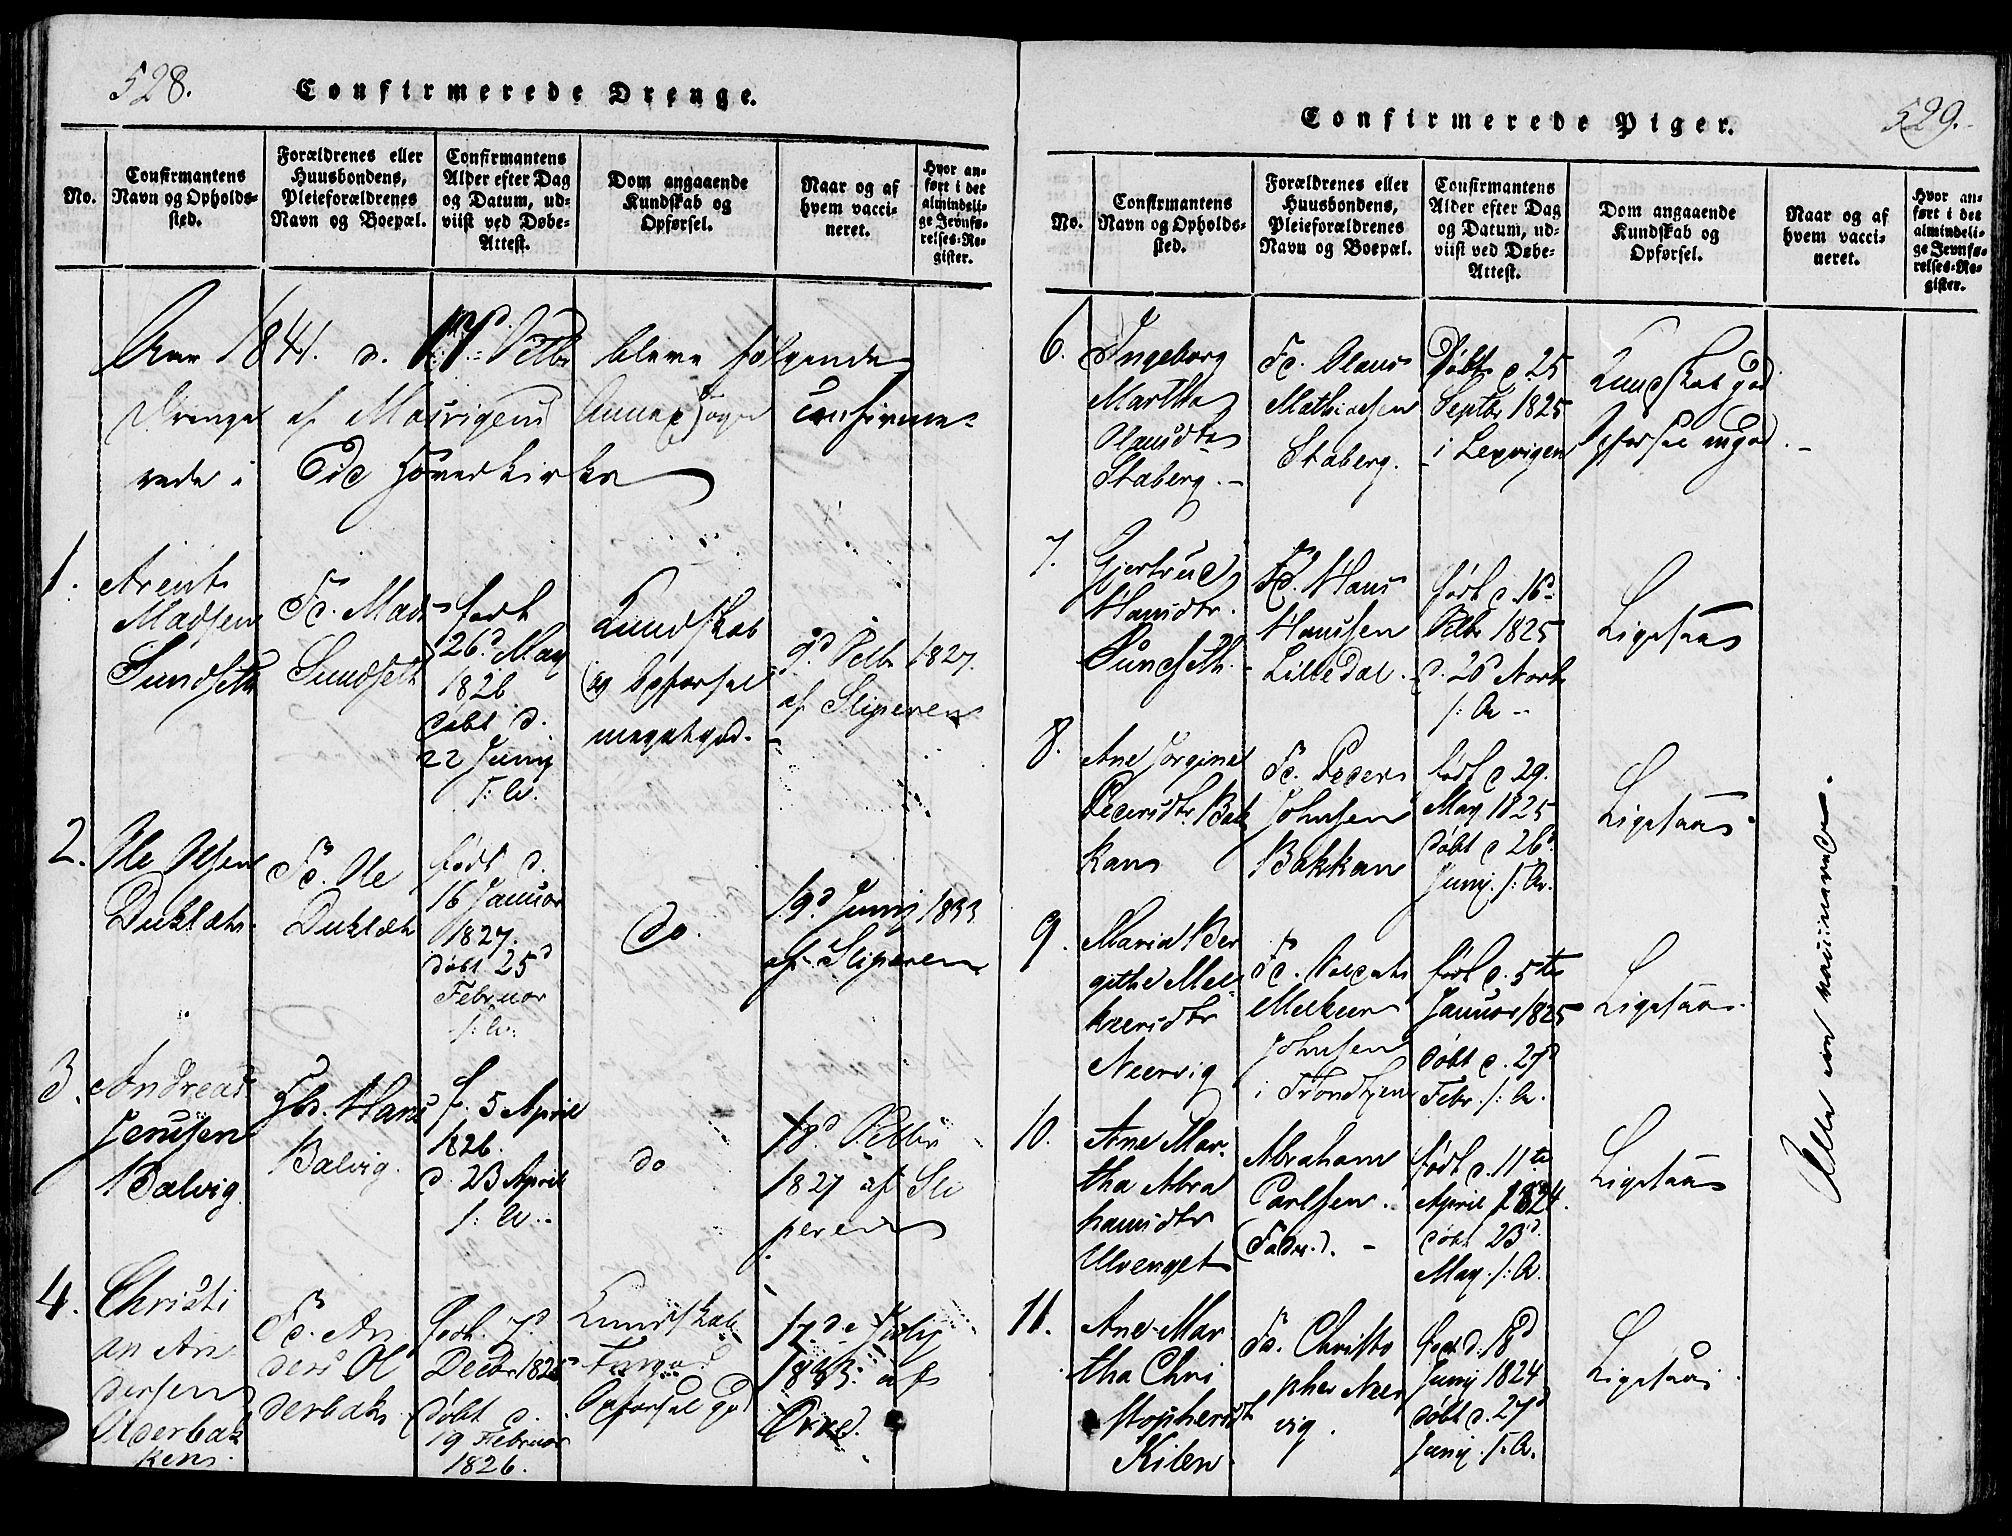 SAT, Ministerialprotokoller, klokkerbøker og fødselsregistre - Nord-Trøndelag, 733/L0322: Ministerialbok nr. 733A01, 1817-1842, s. 528-529